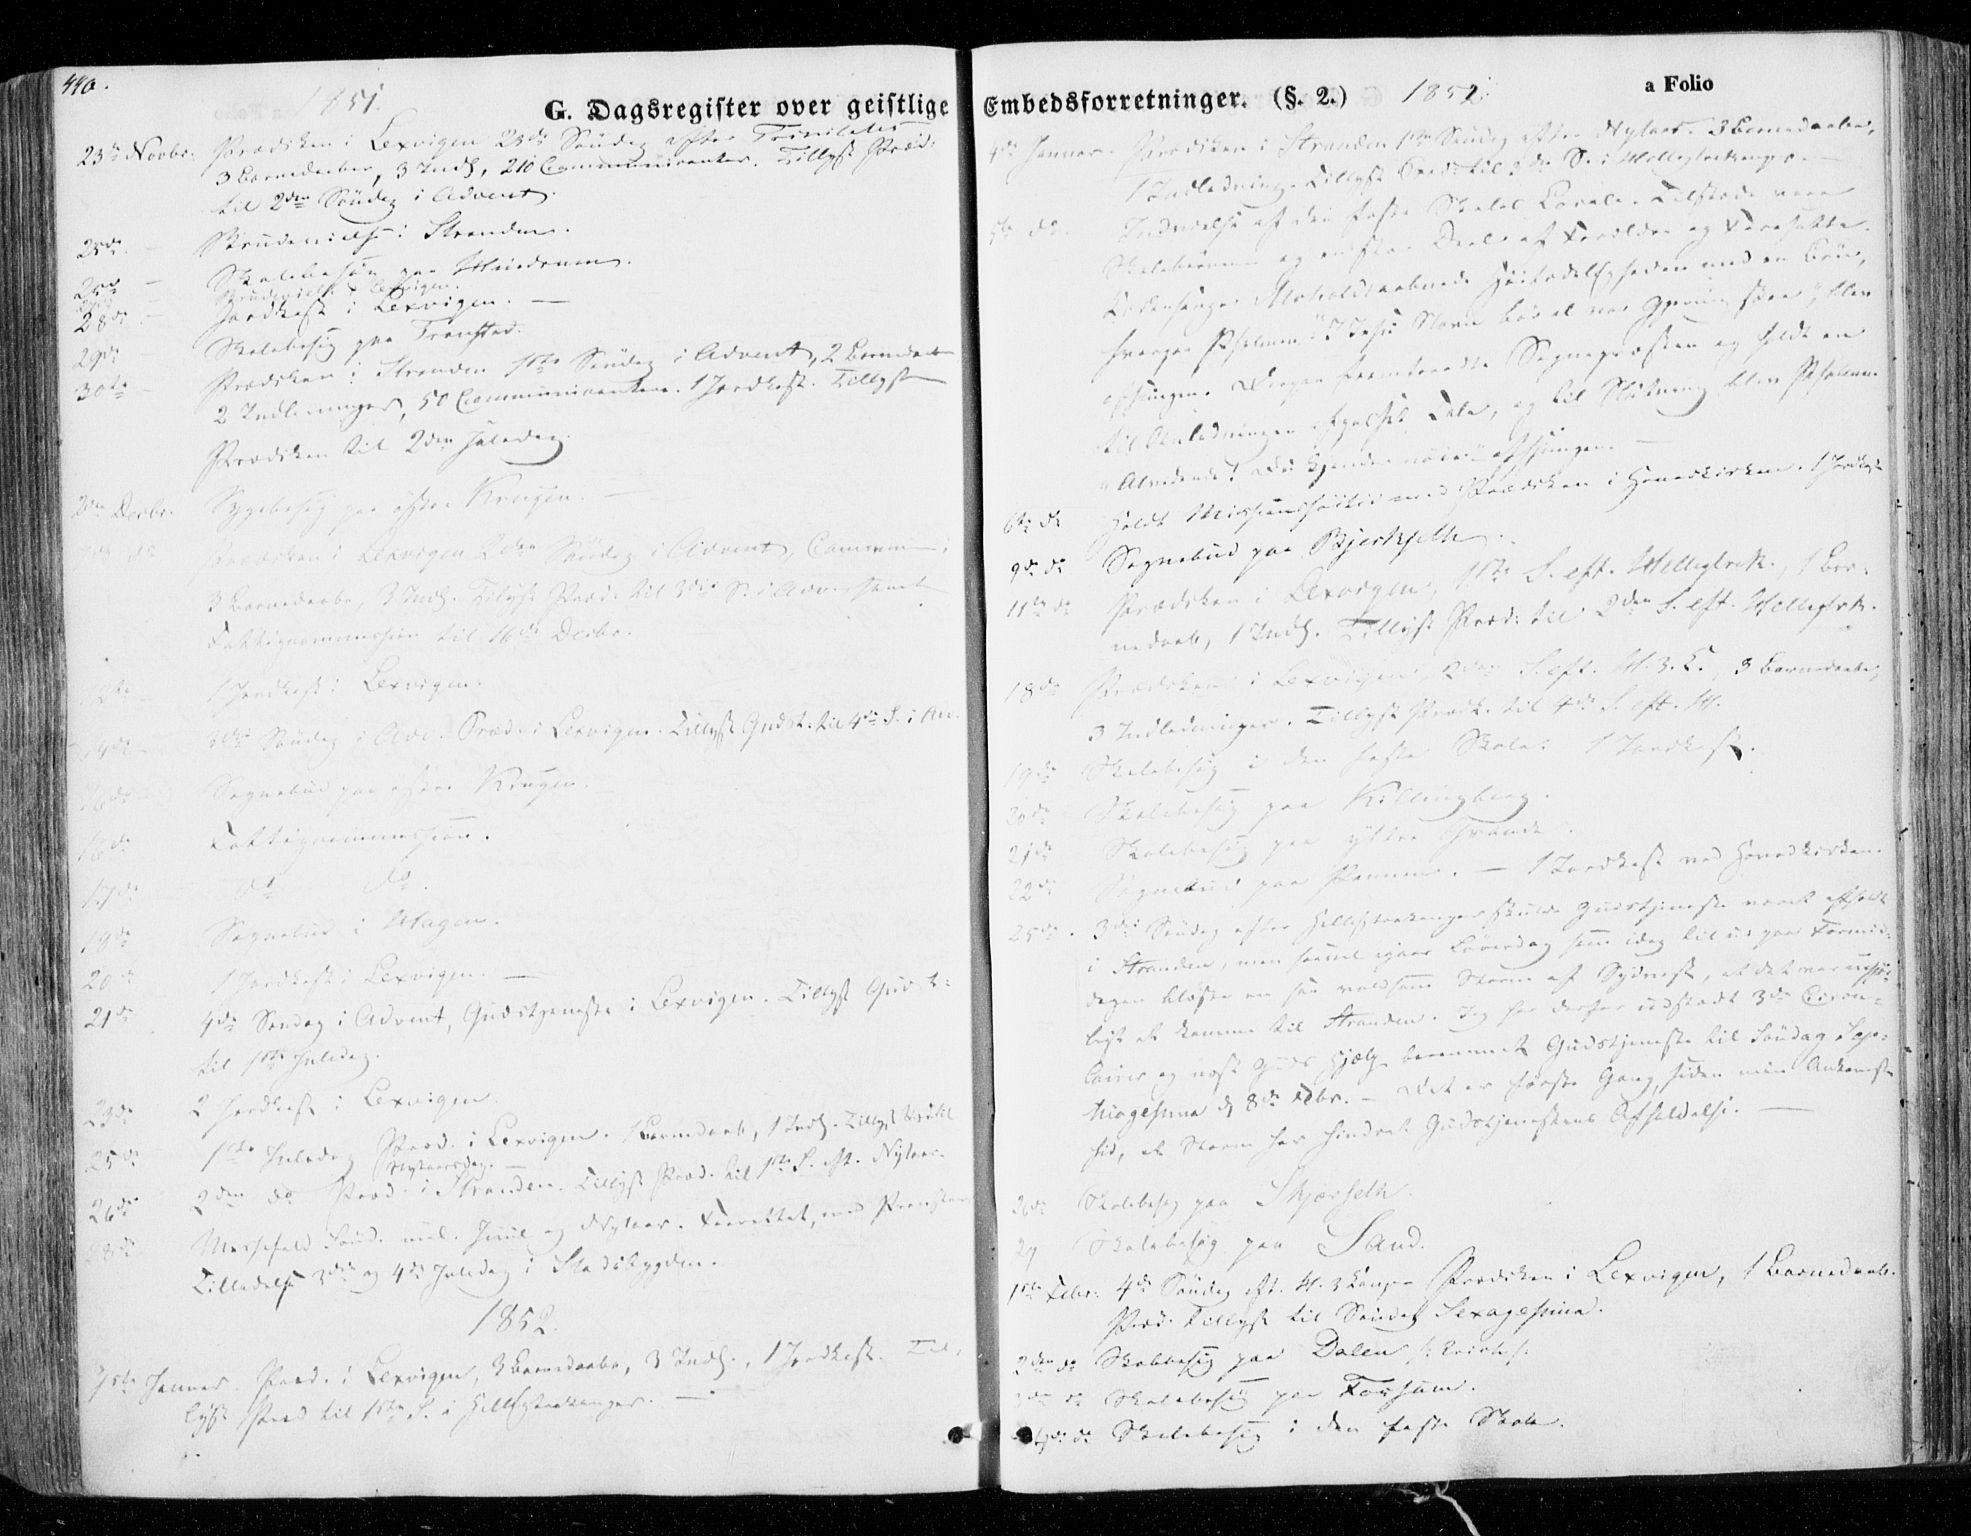 SAT, Ministerialprotokoller, klokkerbøker og fødselsregistre - Nord-Trøndelag, 701/L0007: Ministerialbok nr. 701A07 /1, 1842-1854, s. 440